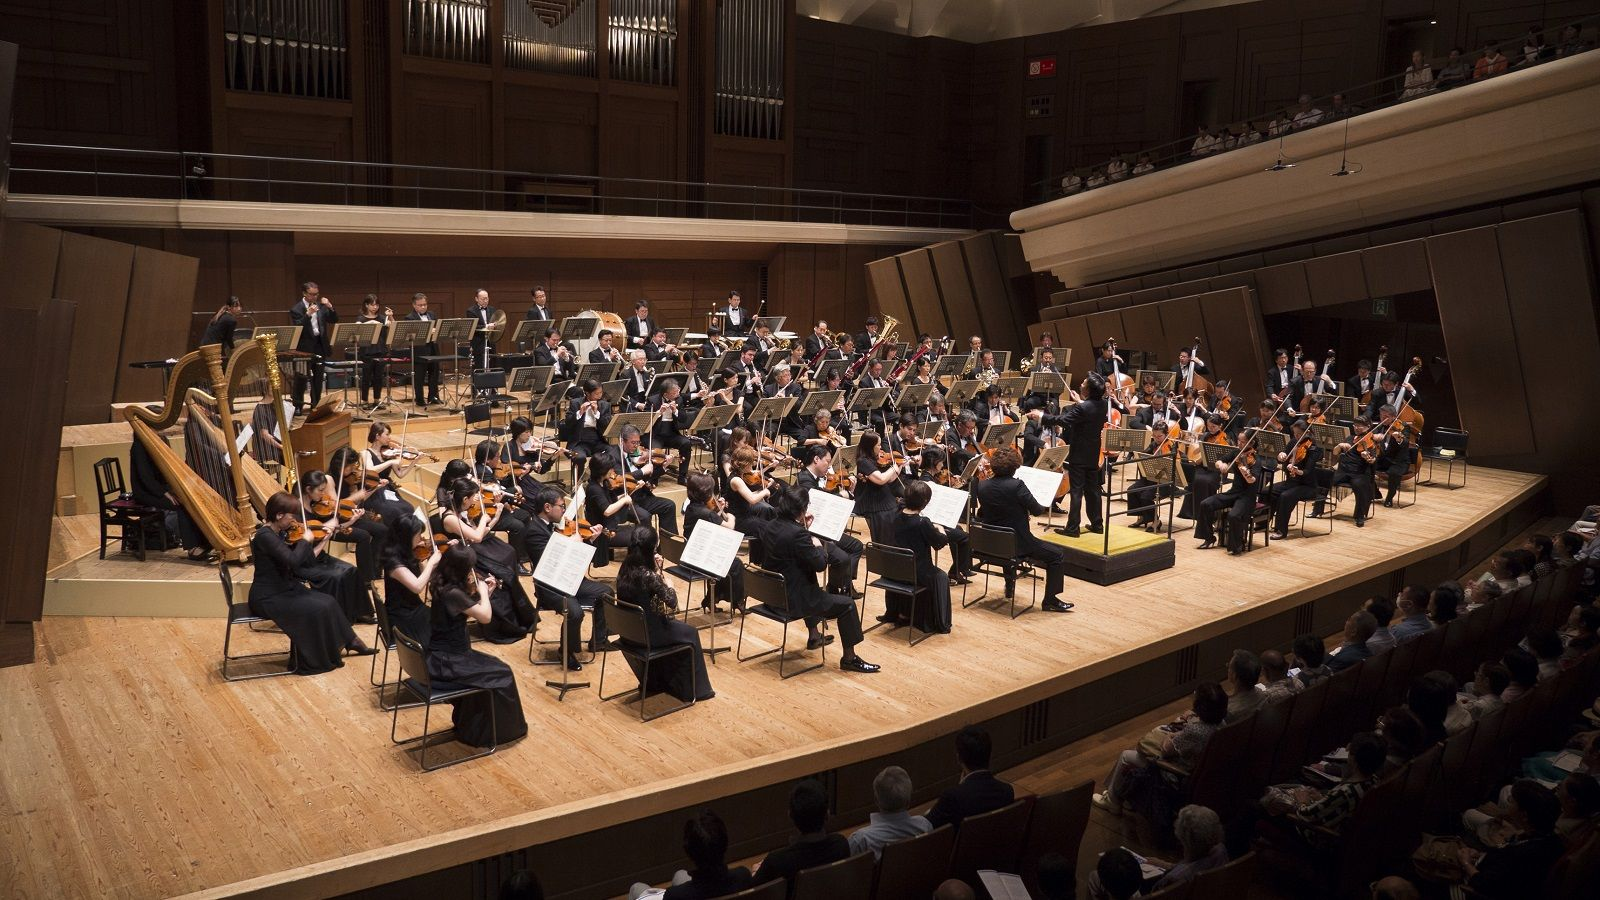 日本のオーケストラ」収入ゼロの辛すぎる窮状 | コロナ後を生き抜く ...